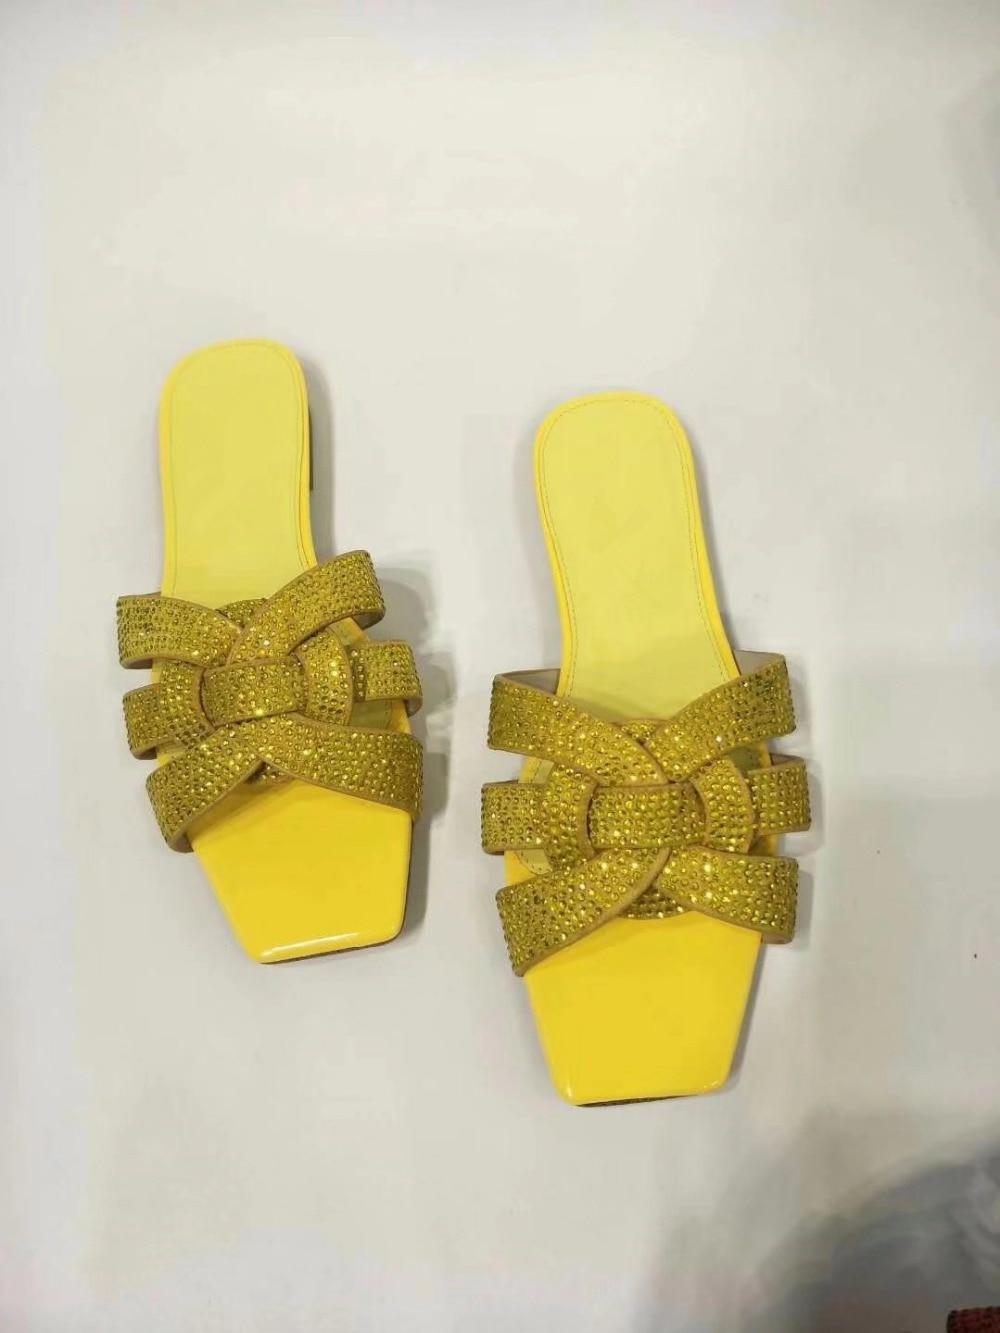 Chaussures Supérieure De Toe Nom Marque Nouveau Carré Show as As Show Bout Plage Cristal Diamant Designers Femmes Pantoufles Mode Femme Plat Diapositives Peep Femelle OPandxpa